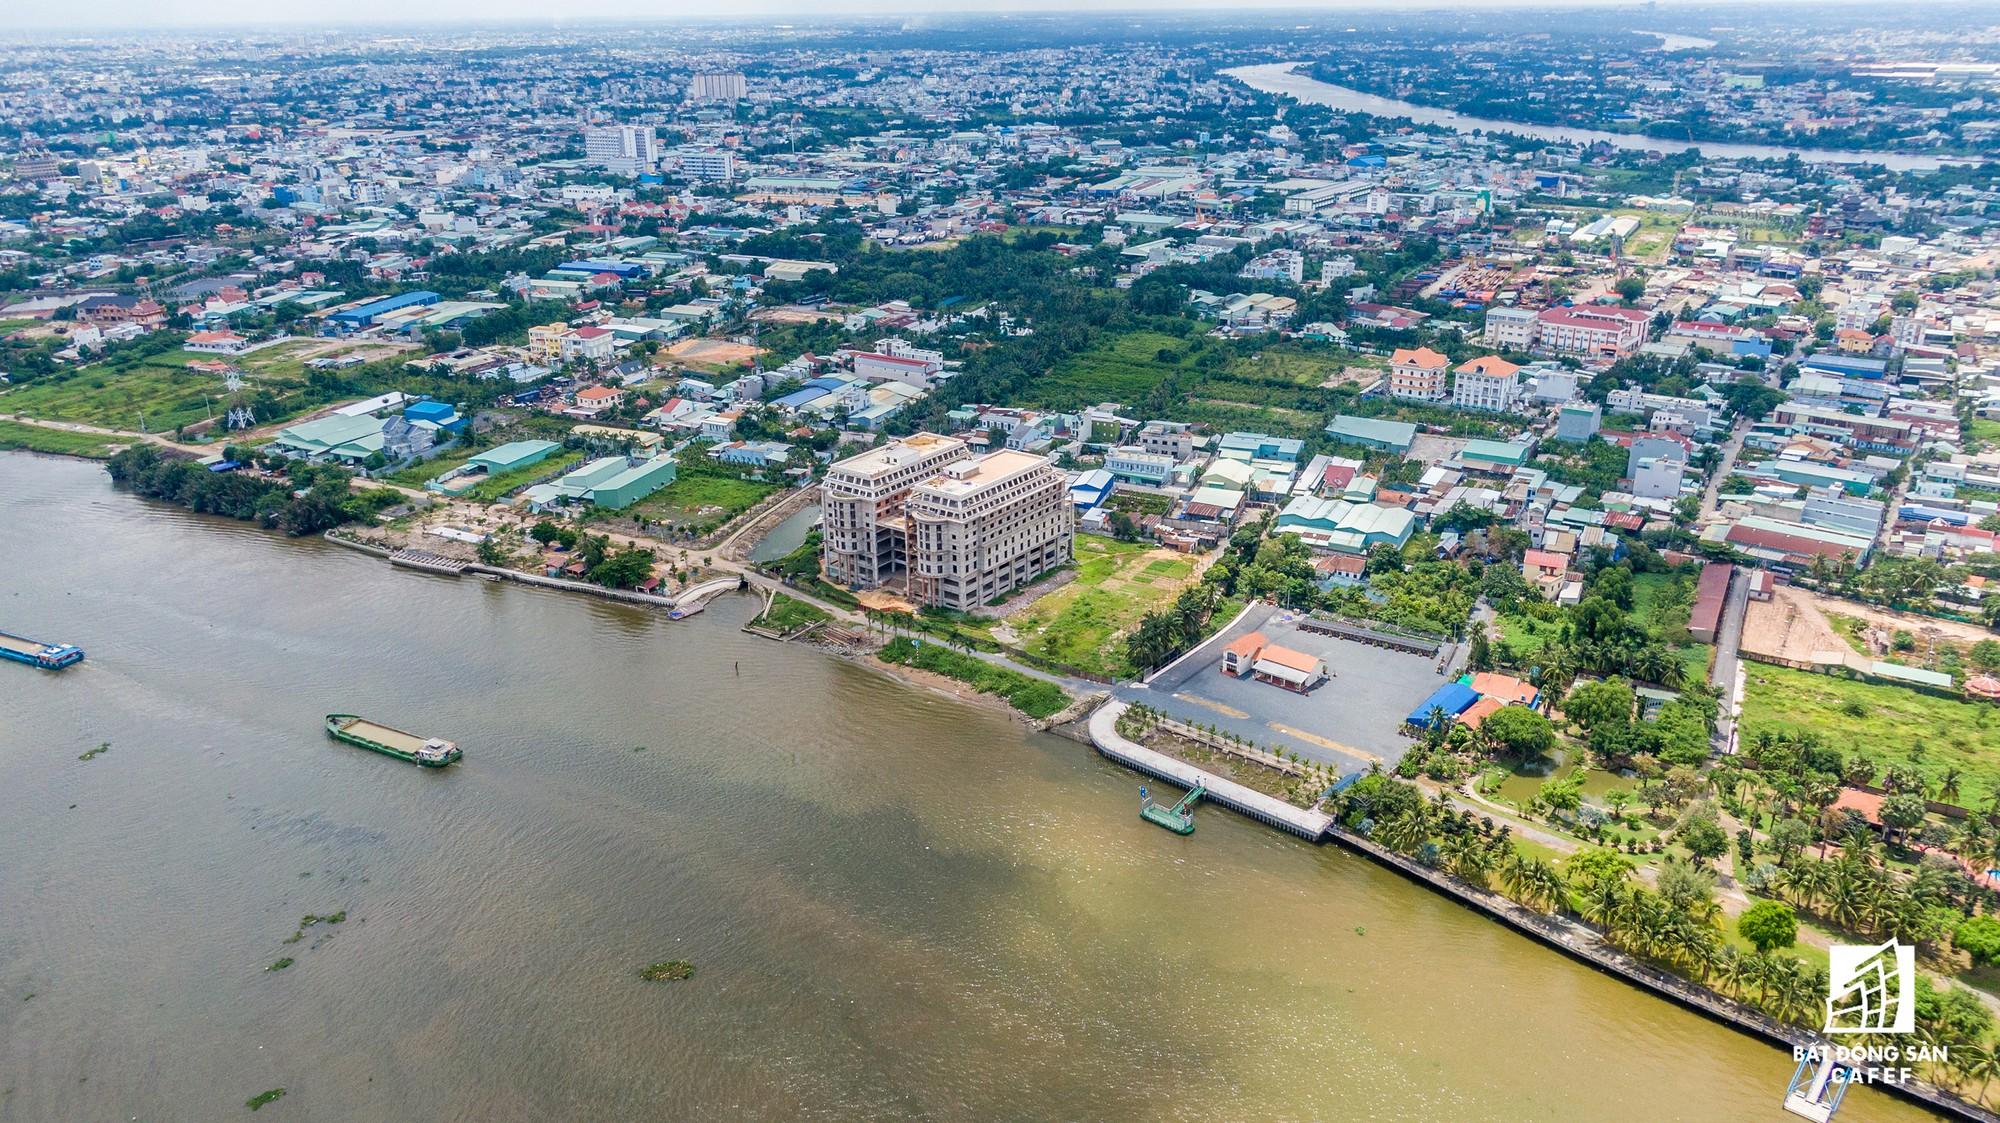 Diện mạo hai bờ sông Sài Gòn tương lai nhìn từ loạt siêu dự án tỷ đô, khu vực trung tâm giá nhà lên hơn 1 tỷ đồng/m2 - Ảnh 17.